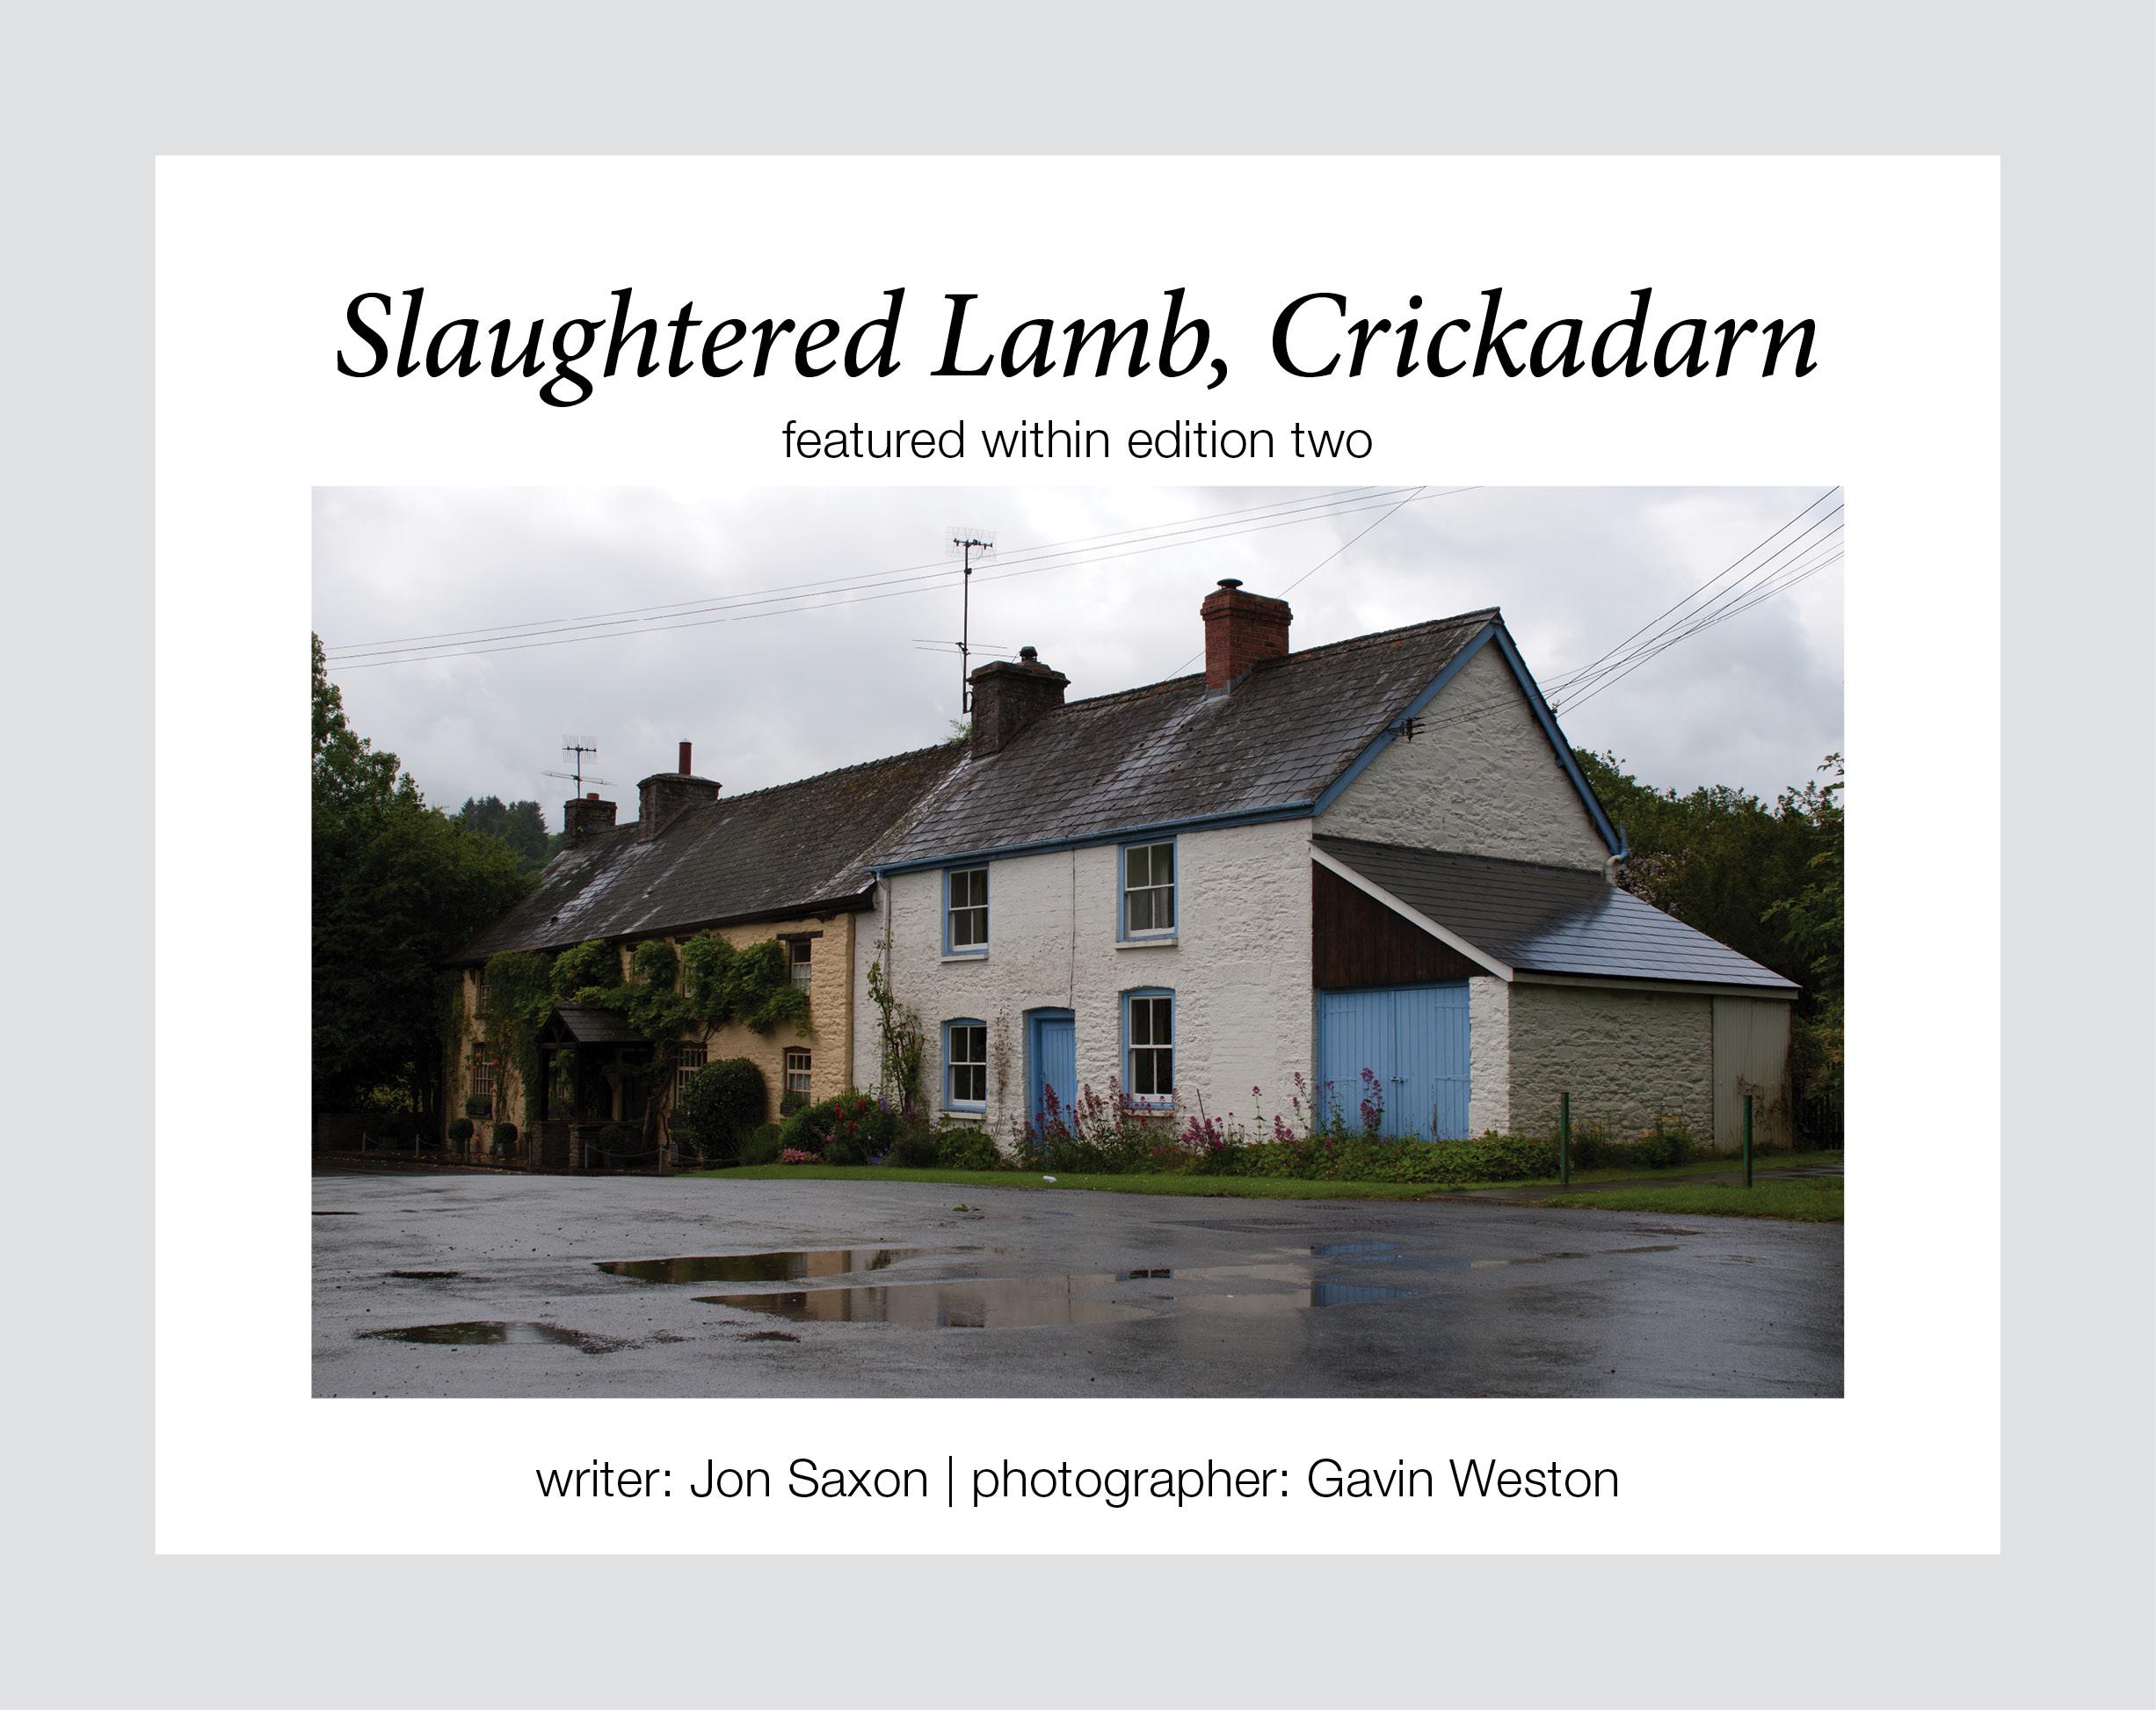 Story_slaughteredlamb.jpg